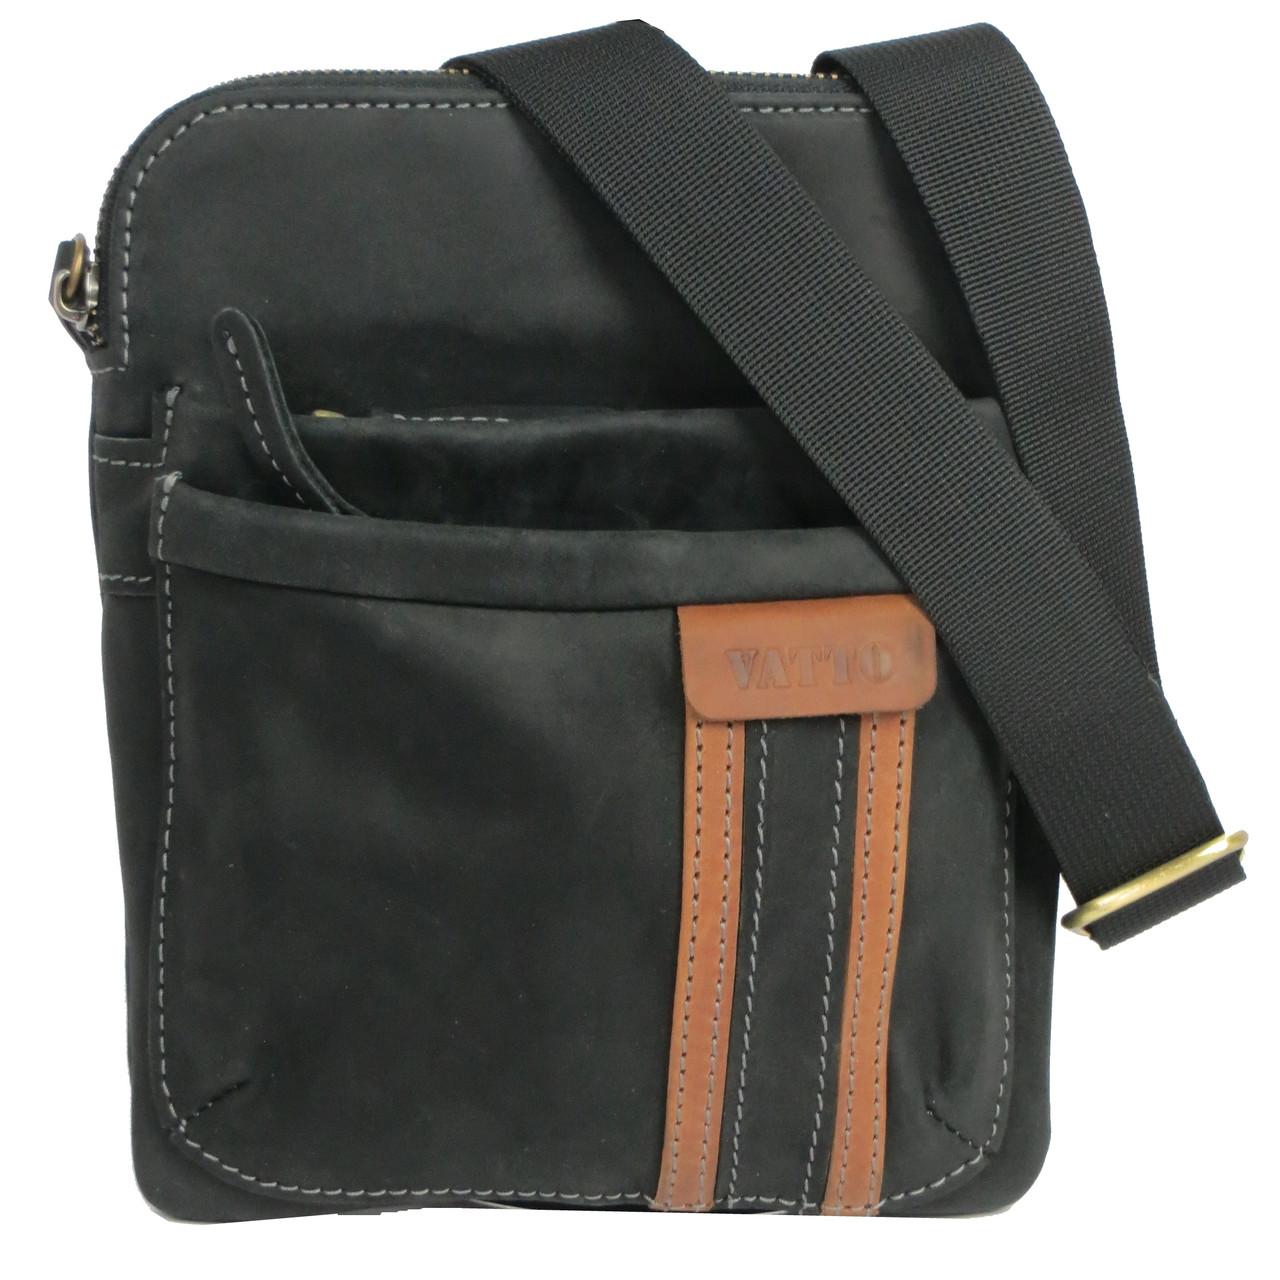 Сумка-планшет на плечо из натуральной кожи 21х19 см VATTO Mk-54Kr670.190 черный - Интернет магазин SUPERSUMKA в Киеве